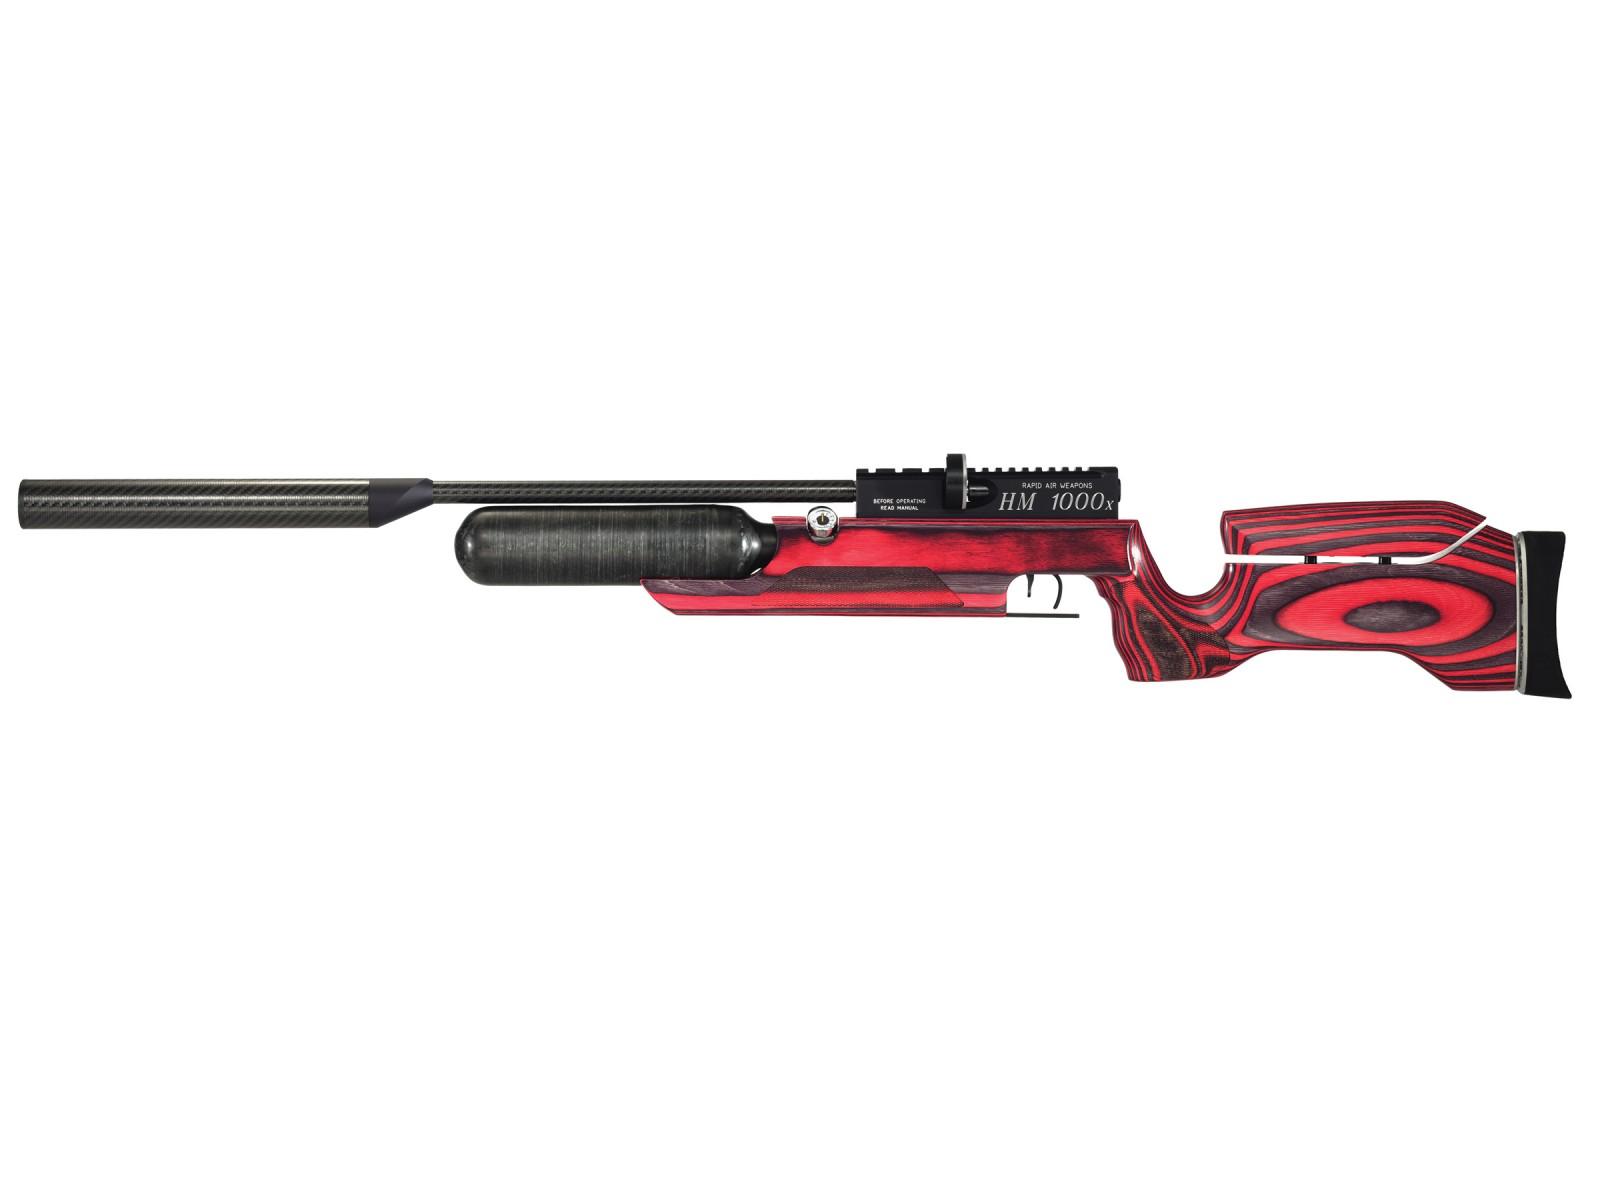 RAW HM1000x LRT PCP Air Rifle, Red Laminate Stock 0.22